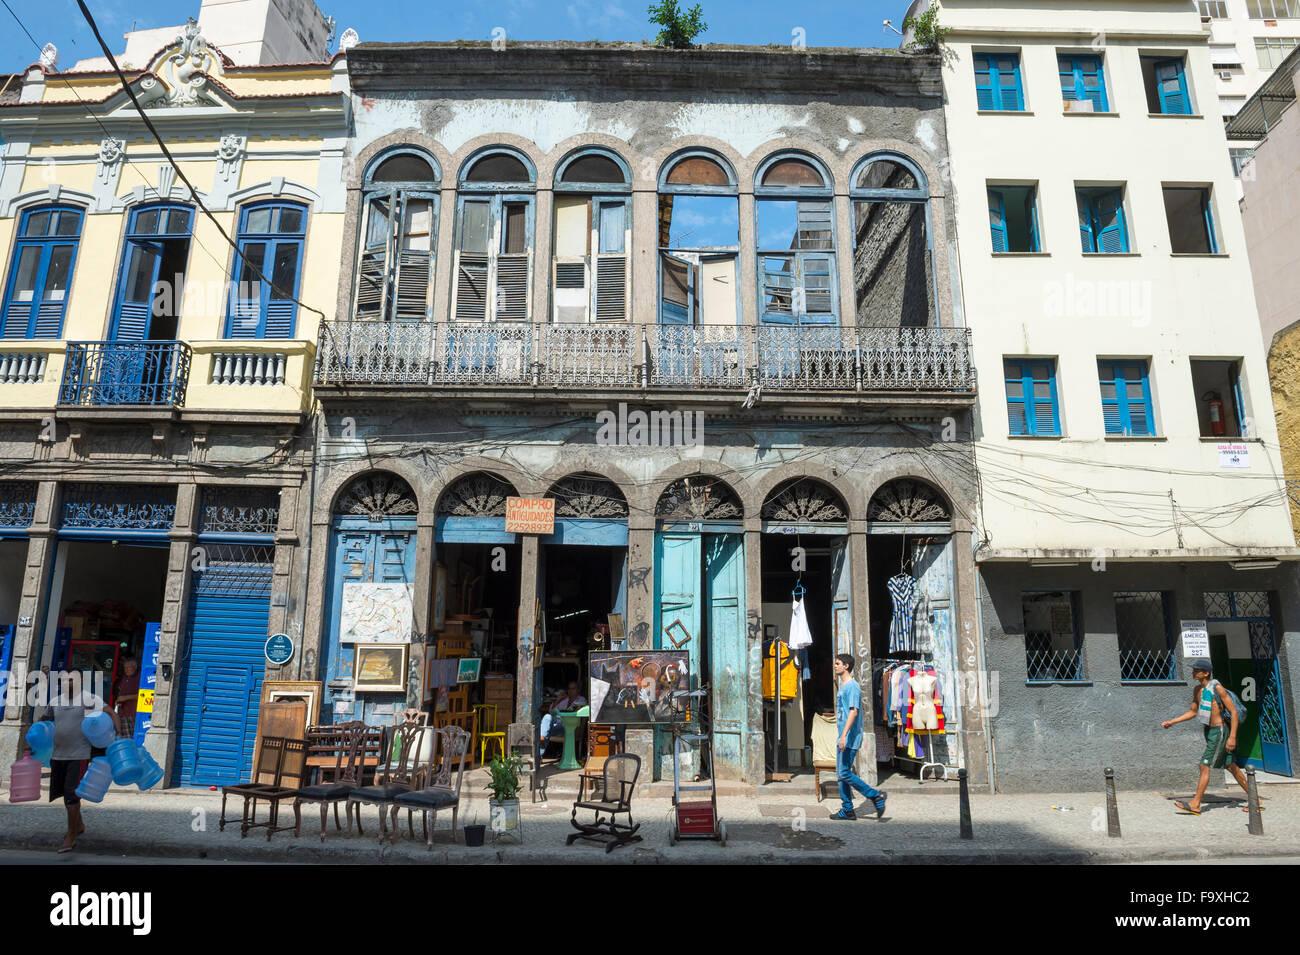 Río de Janeiro, Brasil - 22 de octubre de 2015: los peatones pasen por delante de arquitectura ecléctica, Imagen De Stock